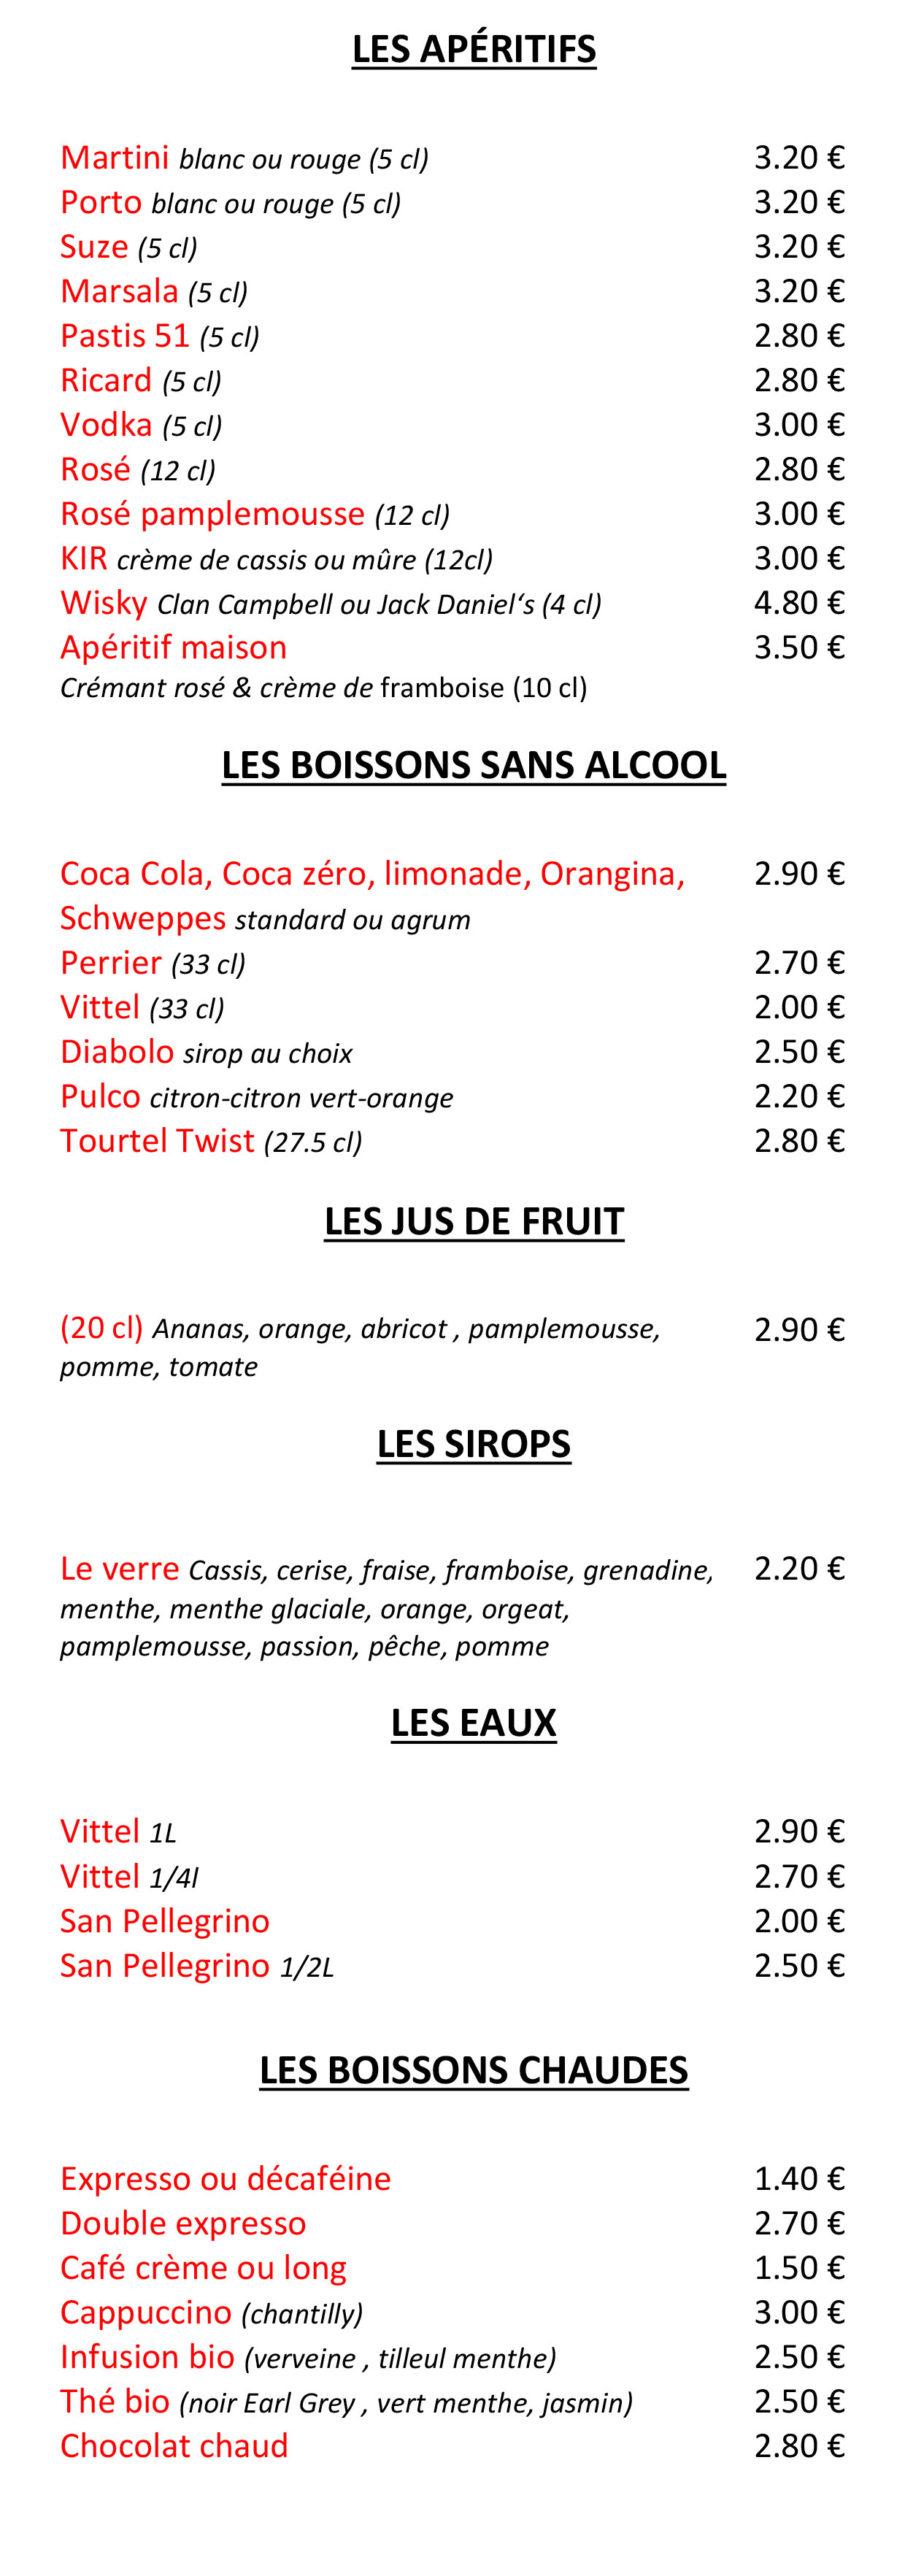 le-loup-garou-cluny-arret-sur-image-menu-4